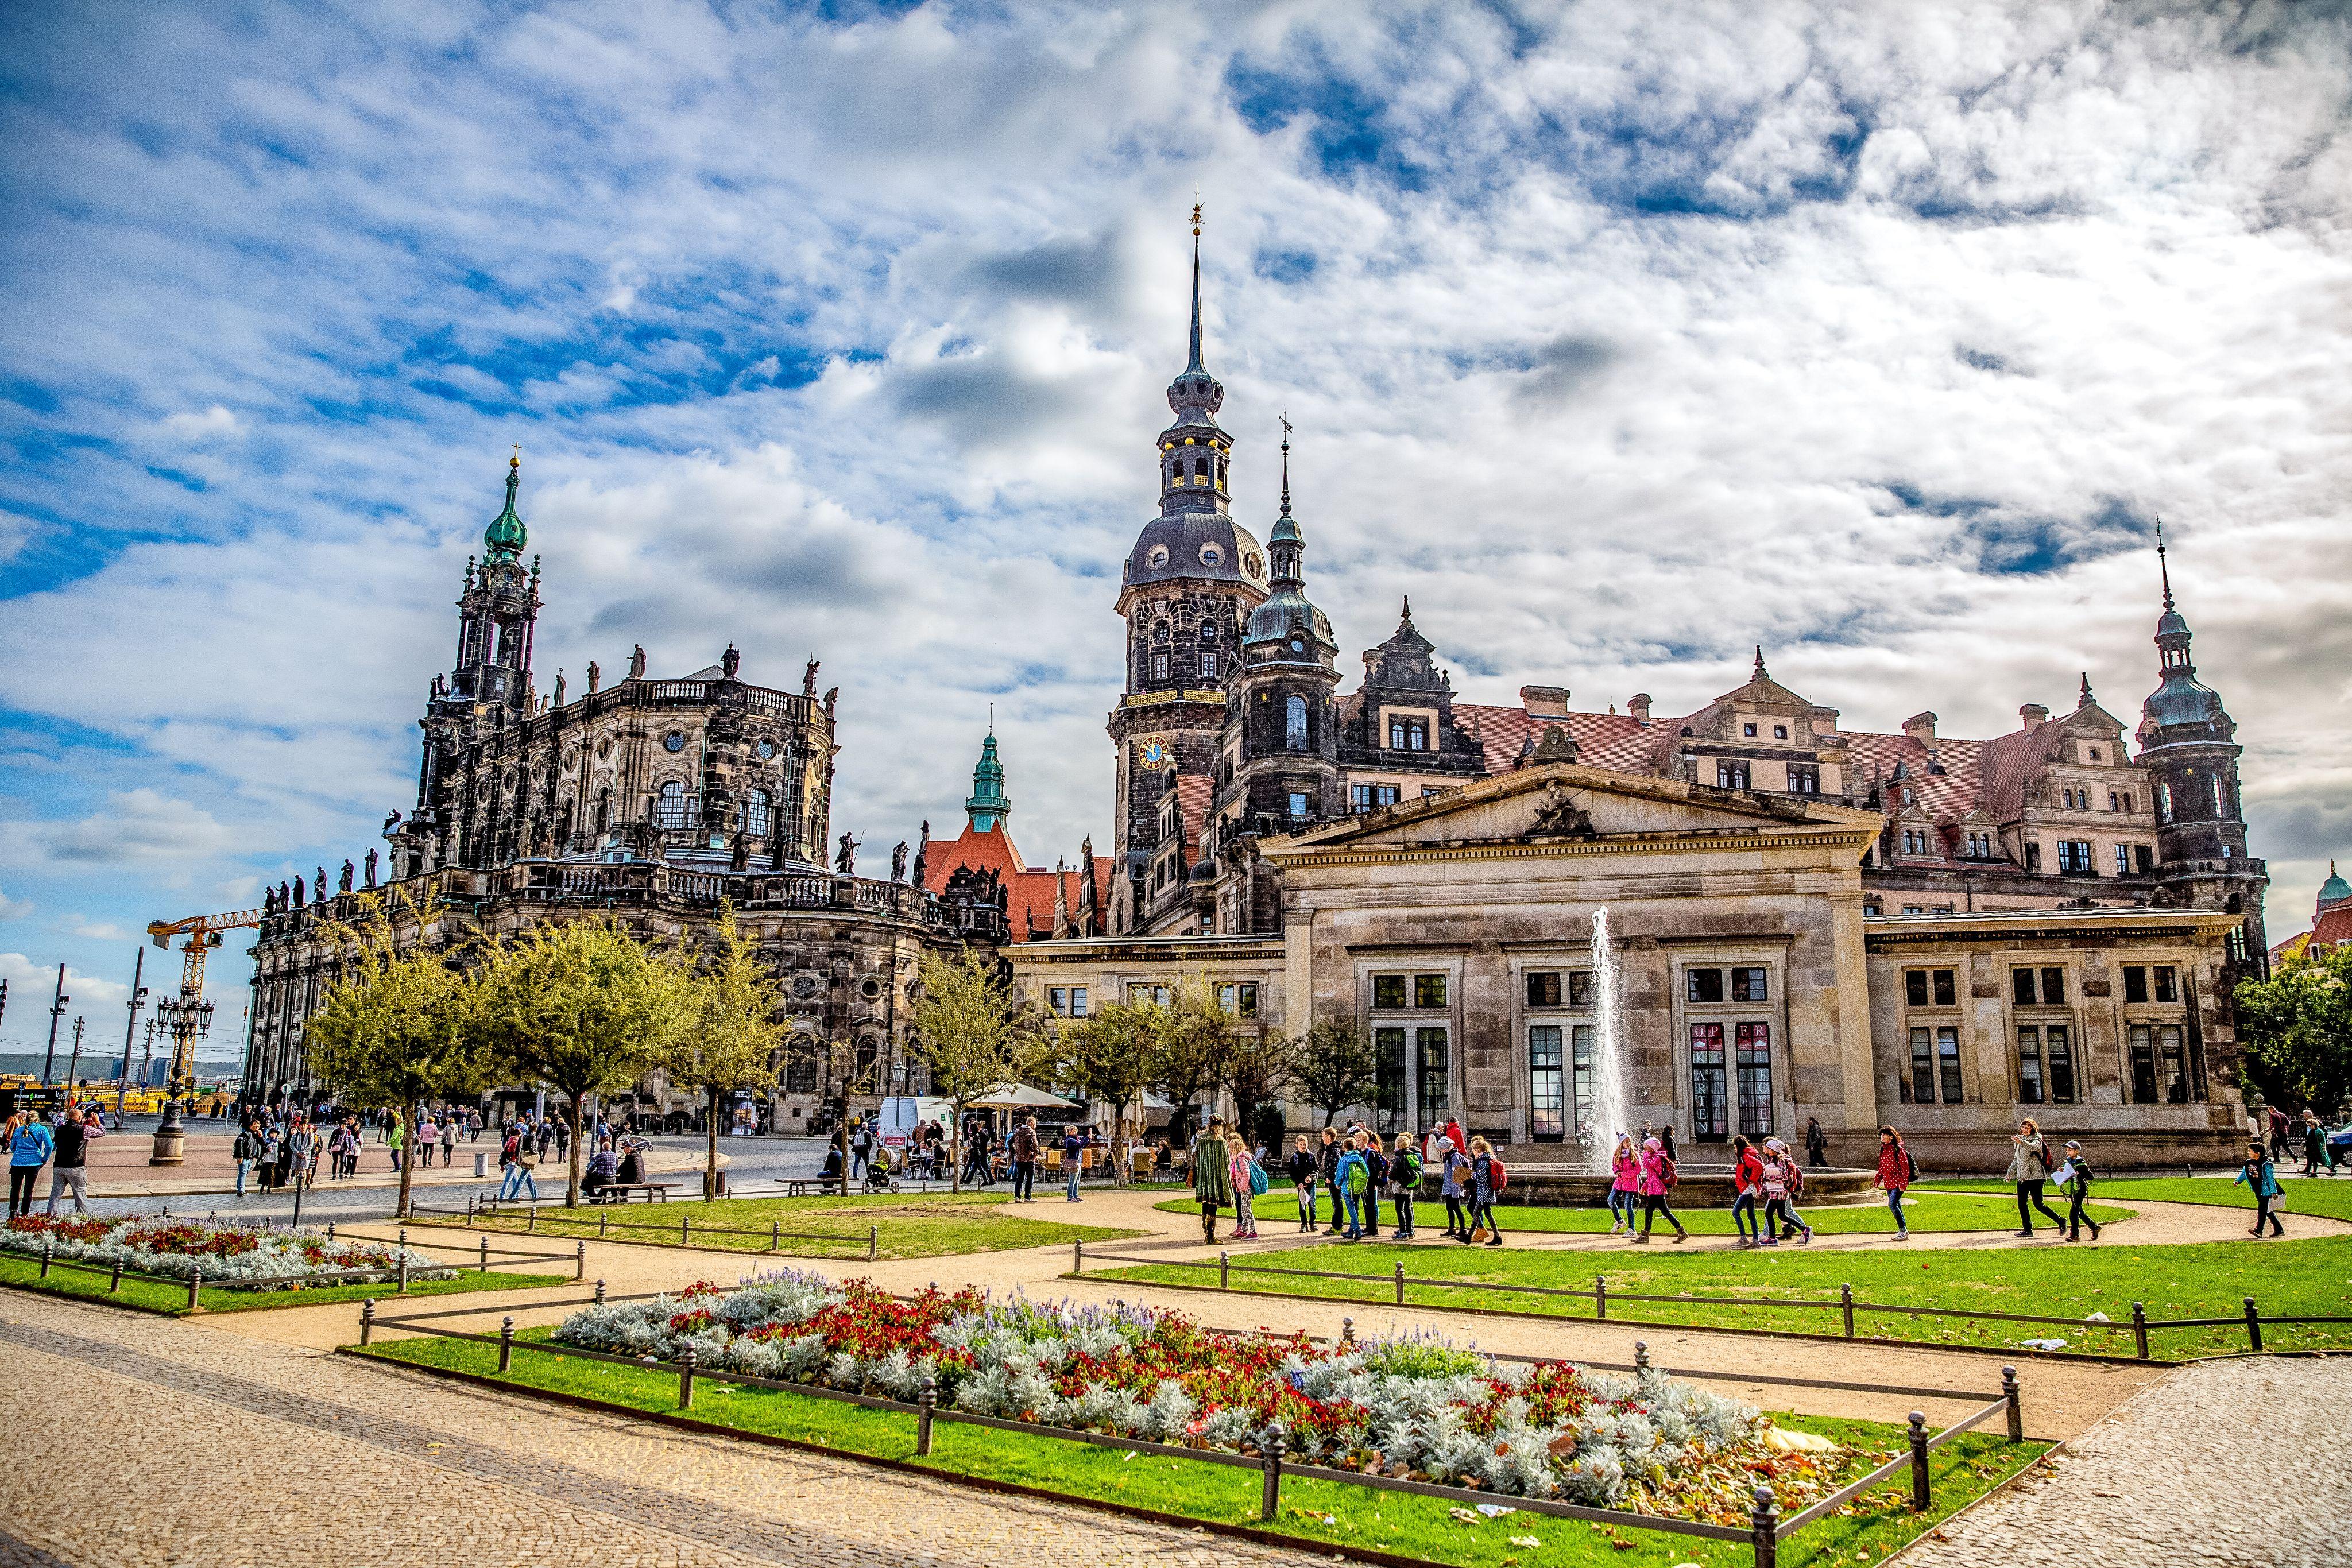 체코근교 프라하와는 또 다른 매력 문화와 예술의 도시 독일 드레스덴